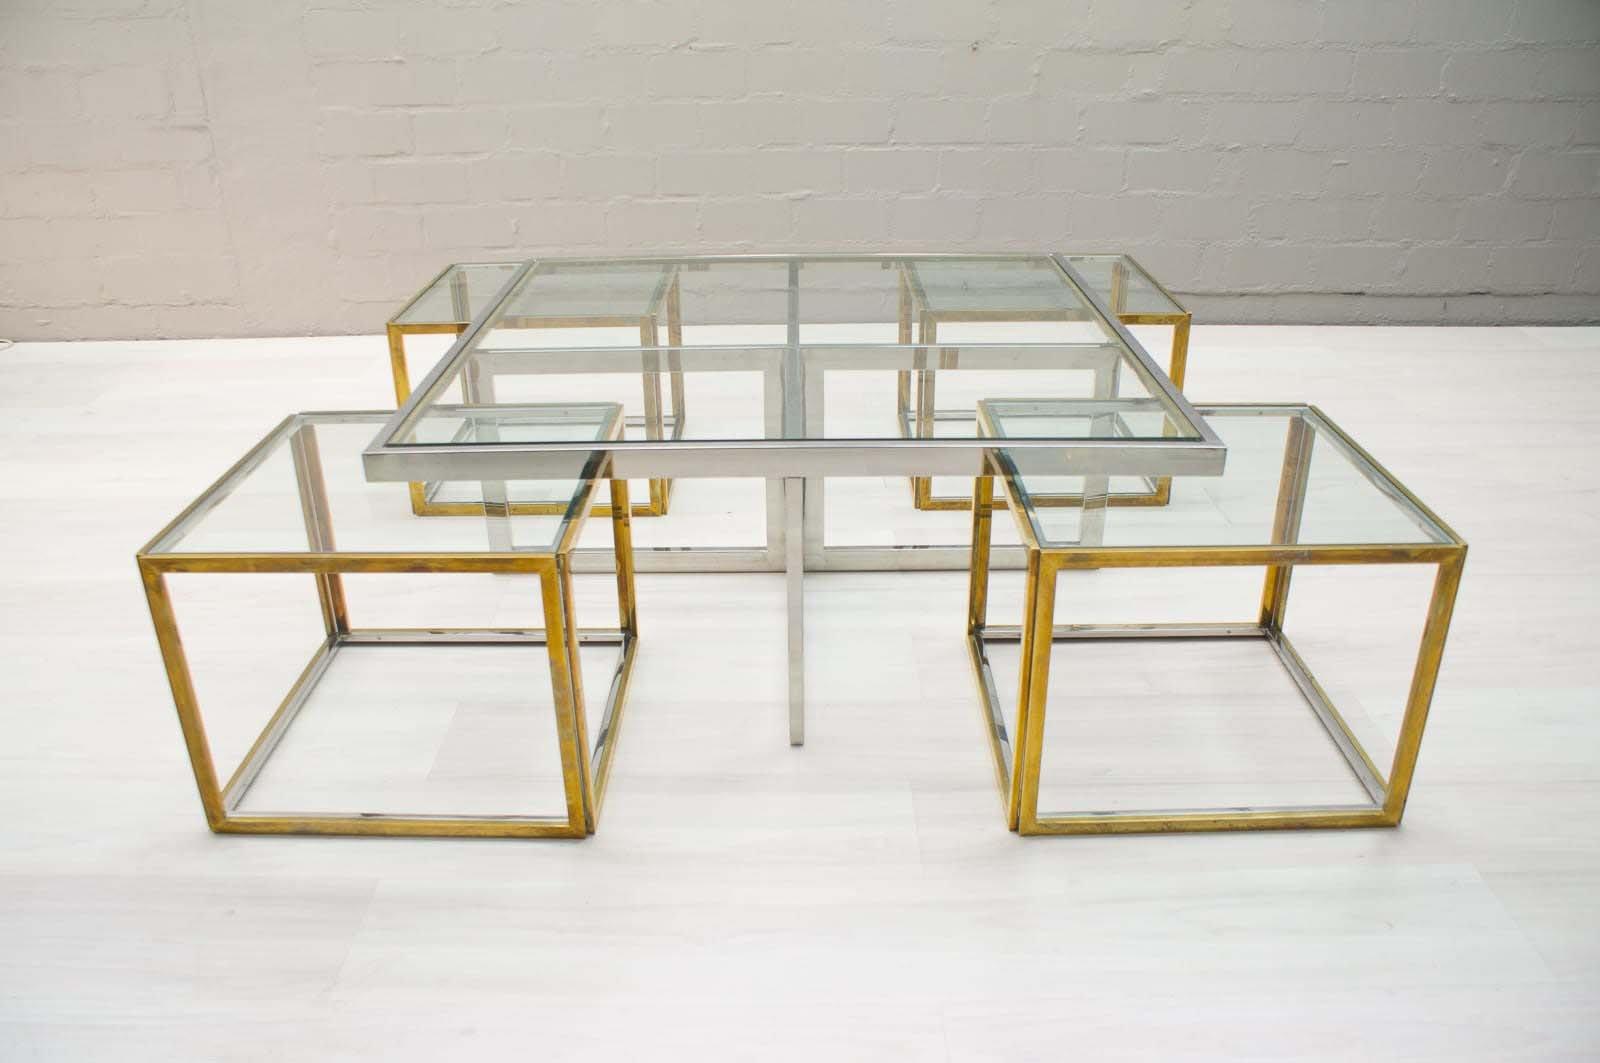 set de table et chaises gigognes vintage de maison charles 1970s en vente sur pamono. Black Bedroom Furniture Sets. Home Design Ideas